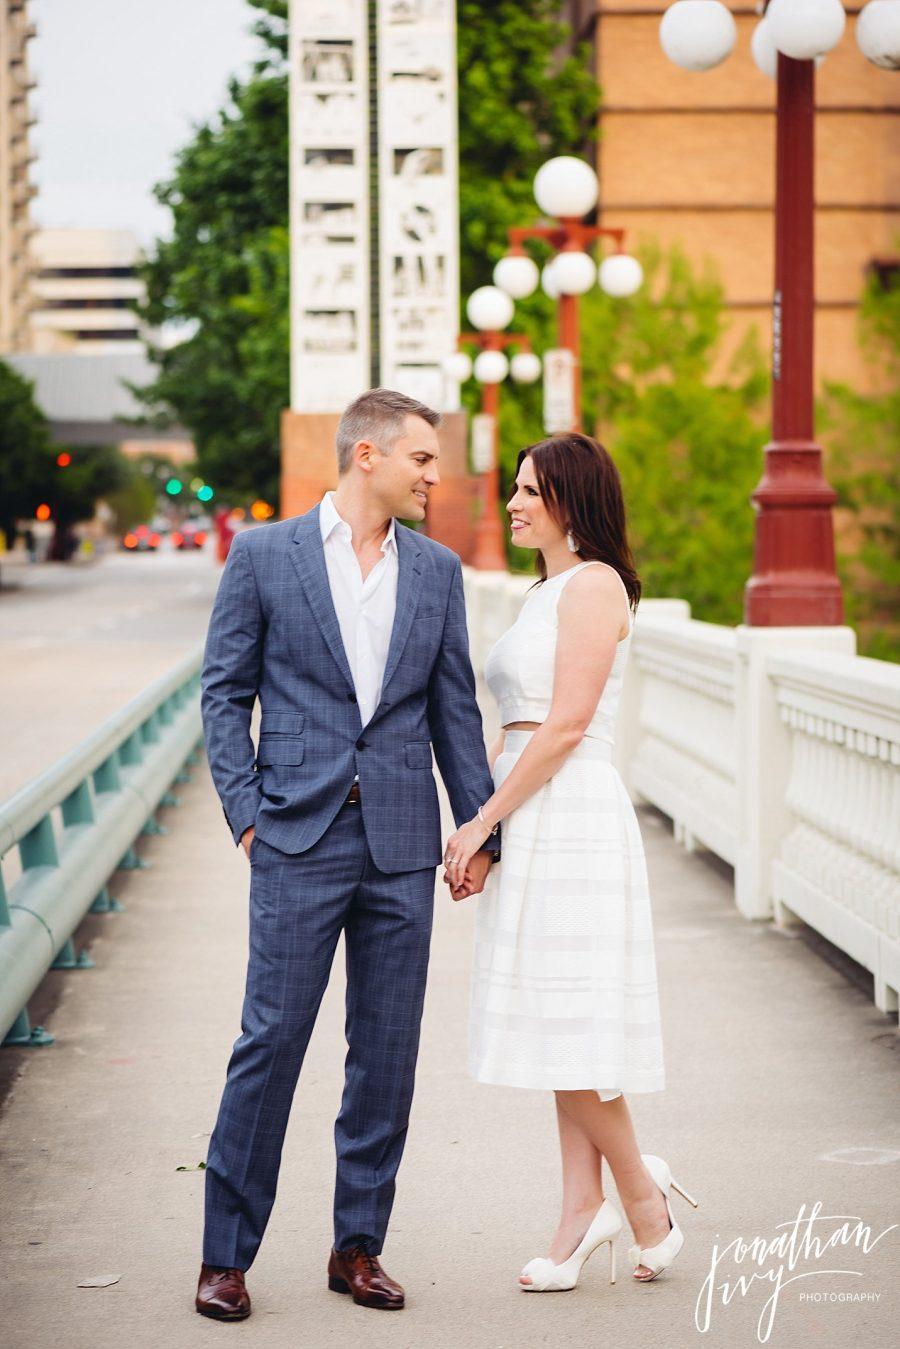 Downtown Houston Engagement Portraits